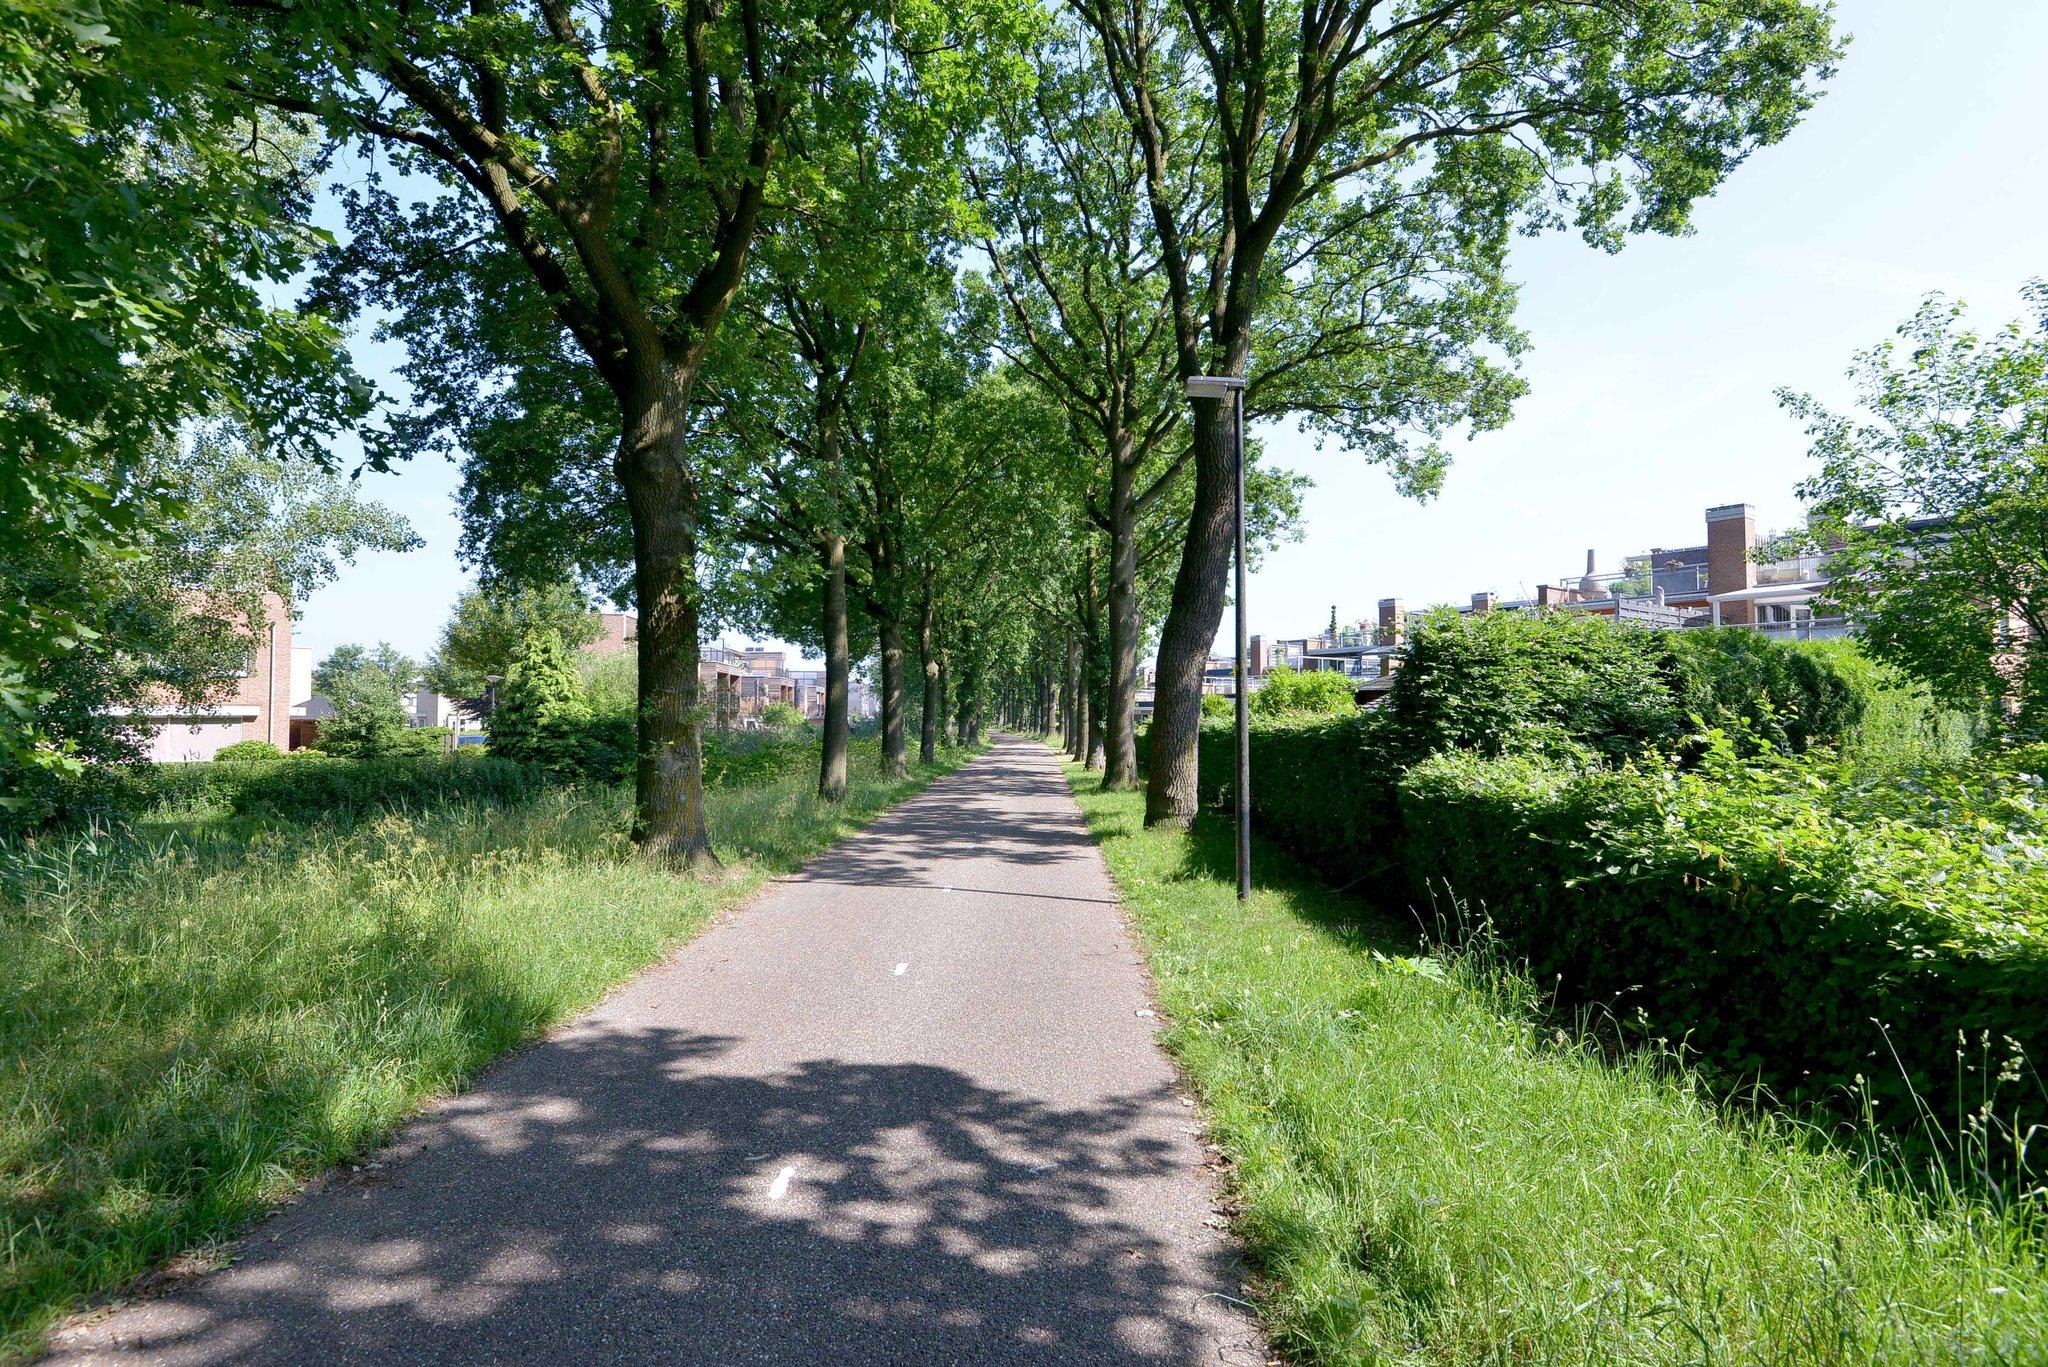 deventer-johan-wensinkstraat-4207412-foto-25.jpg